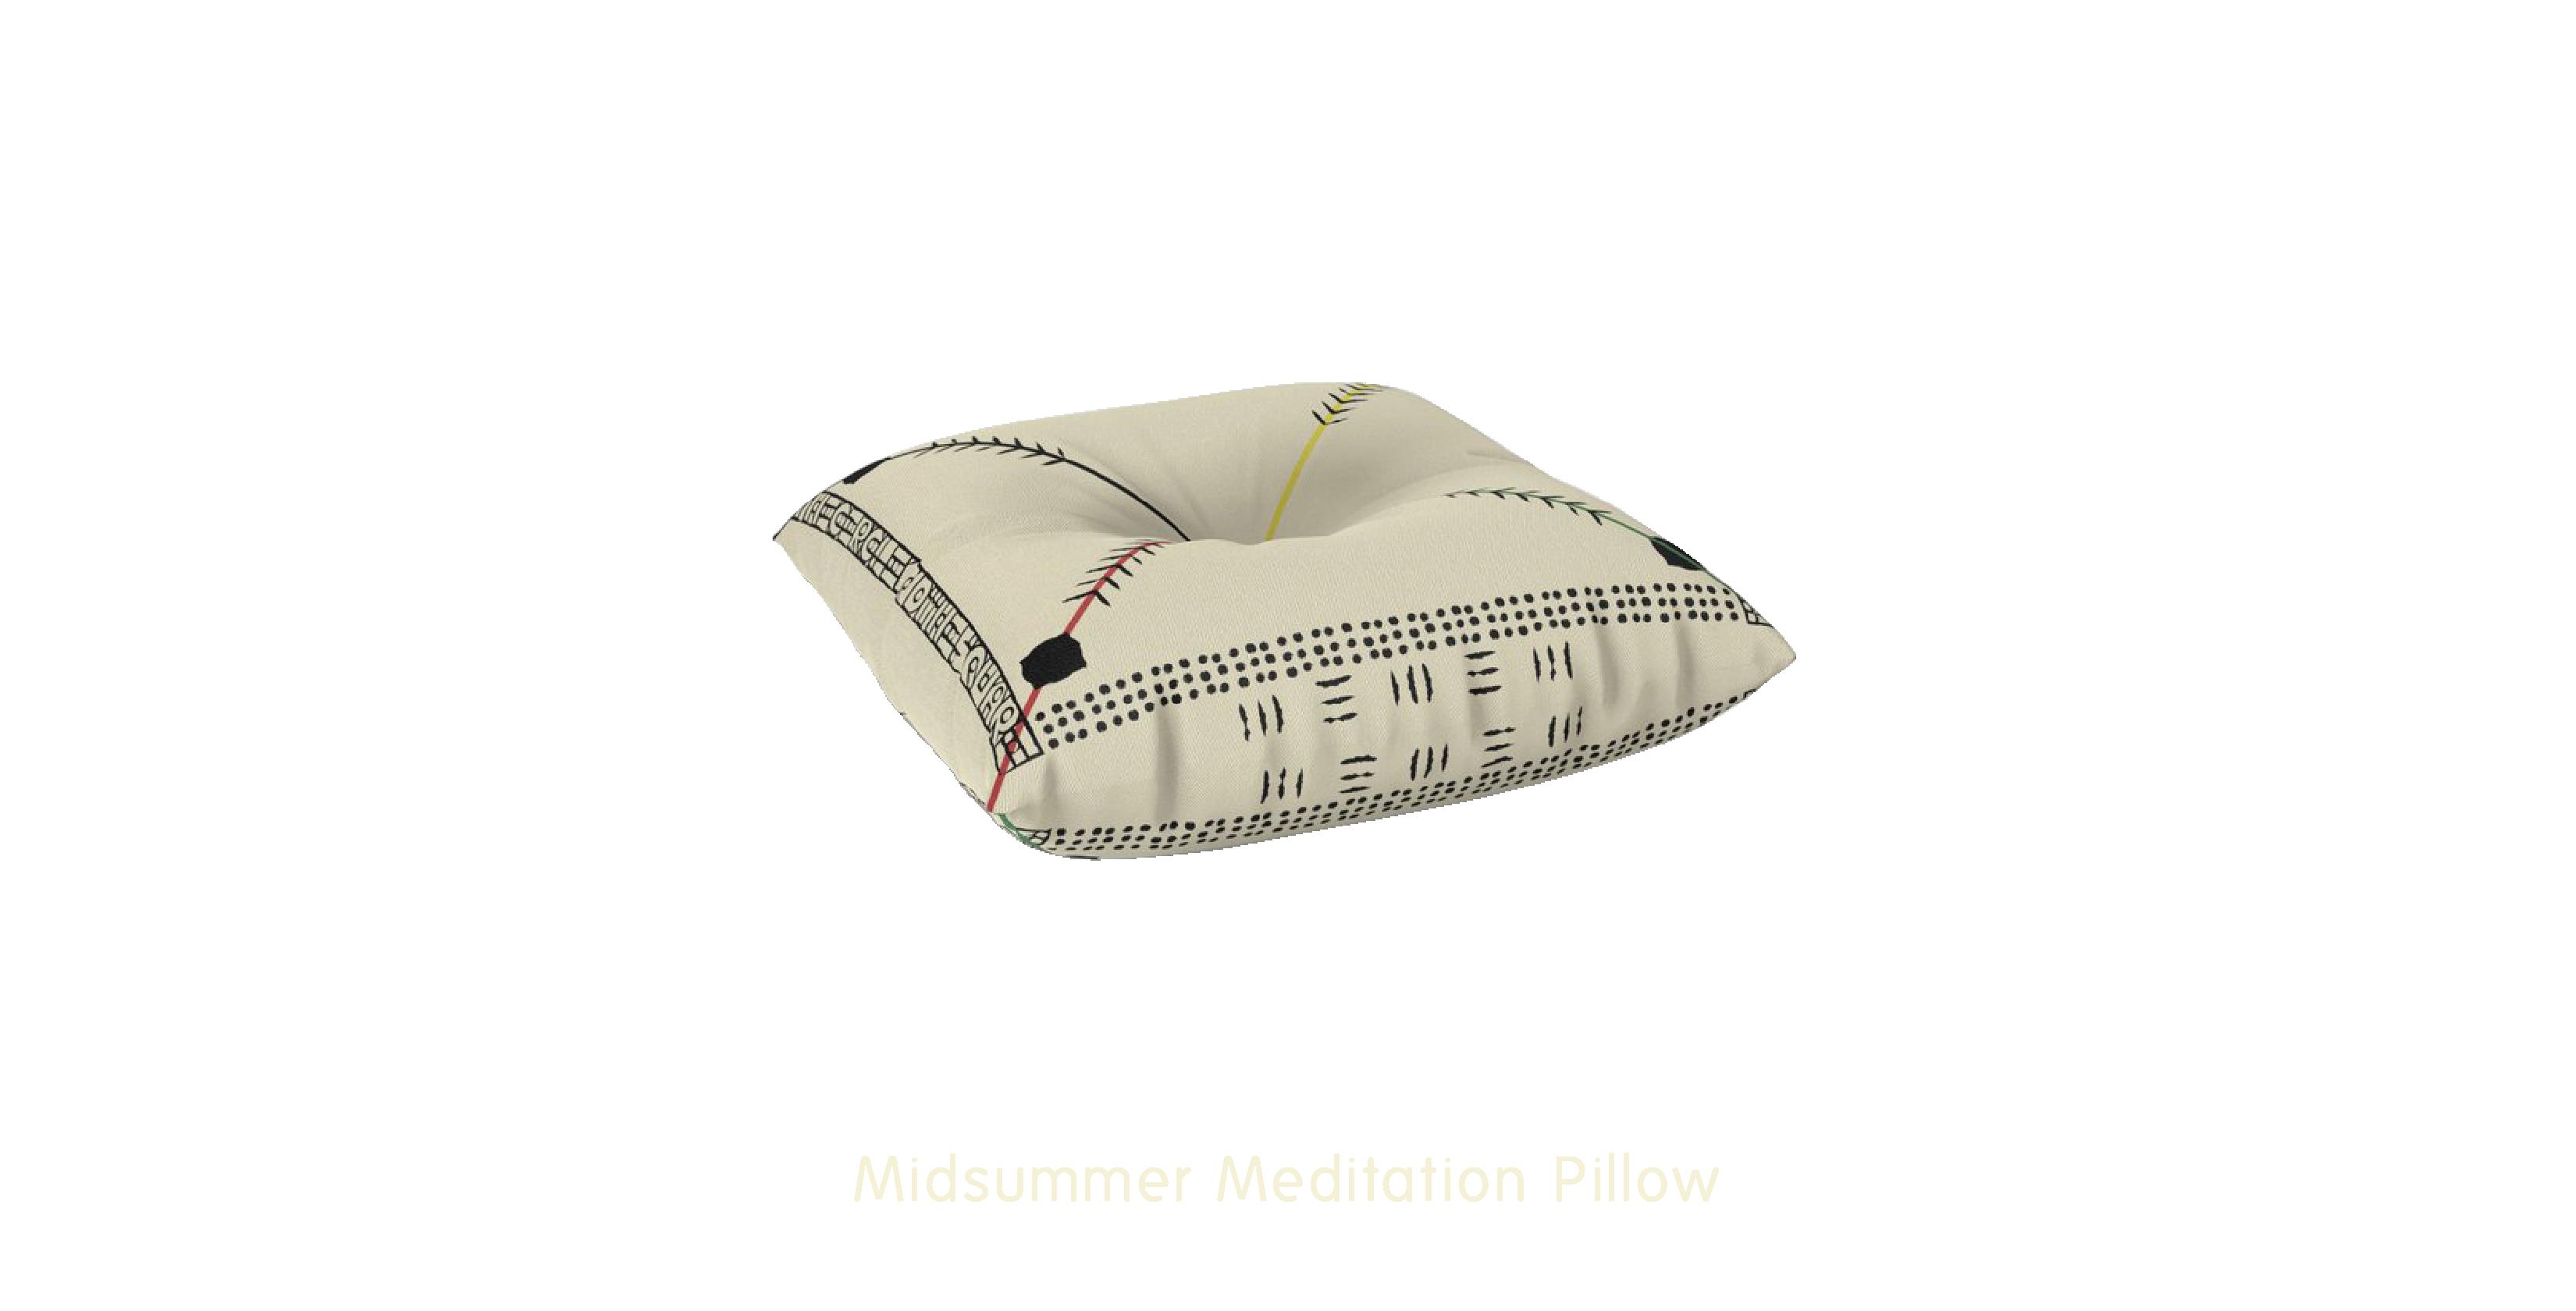 Midsummer Meditation Pillow